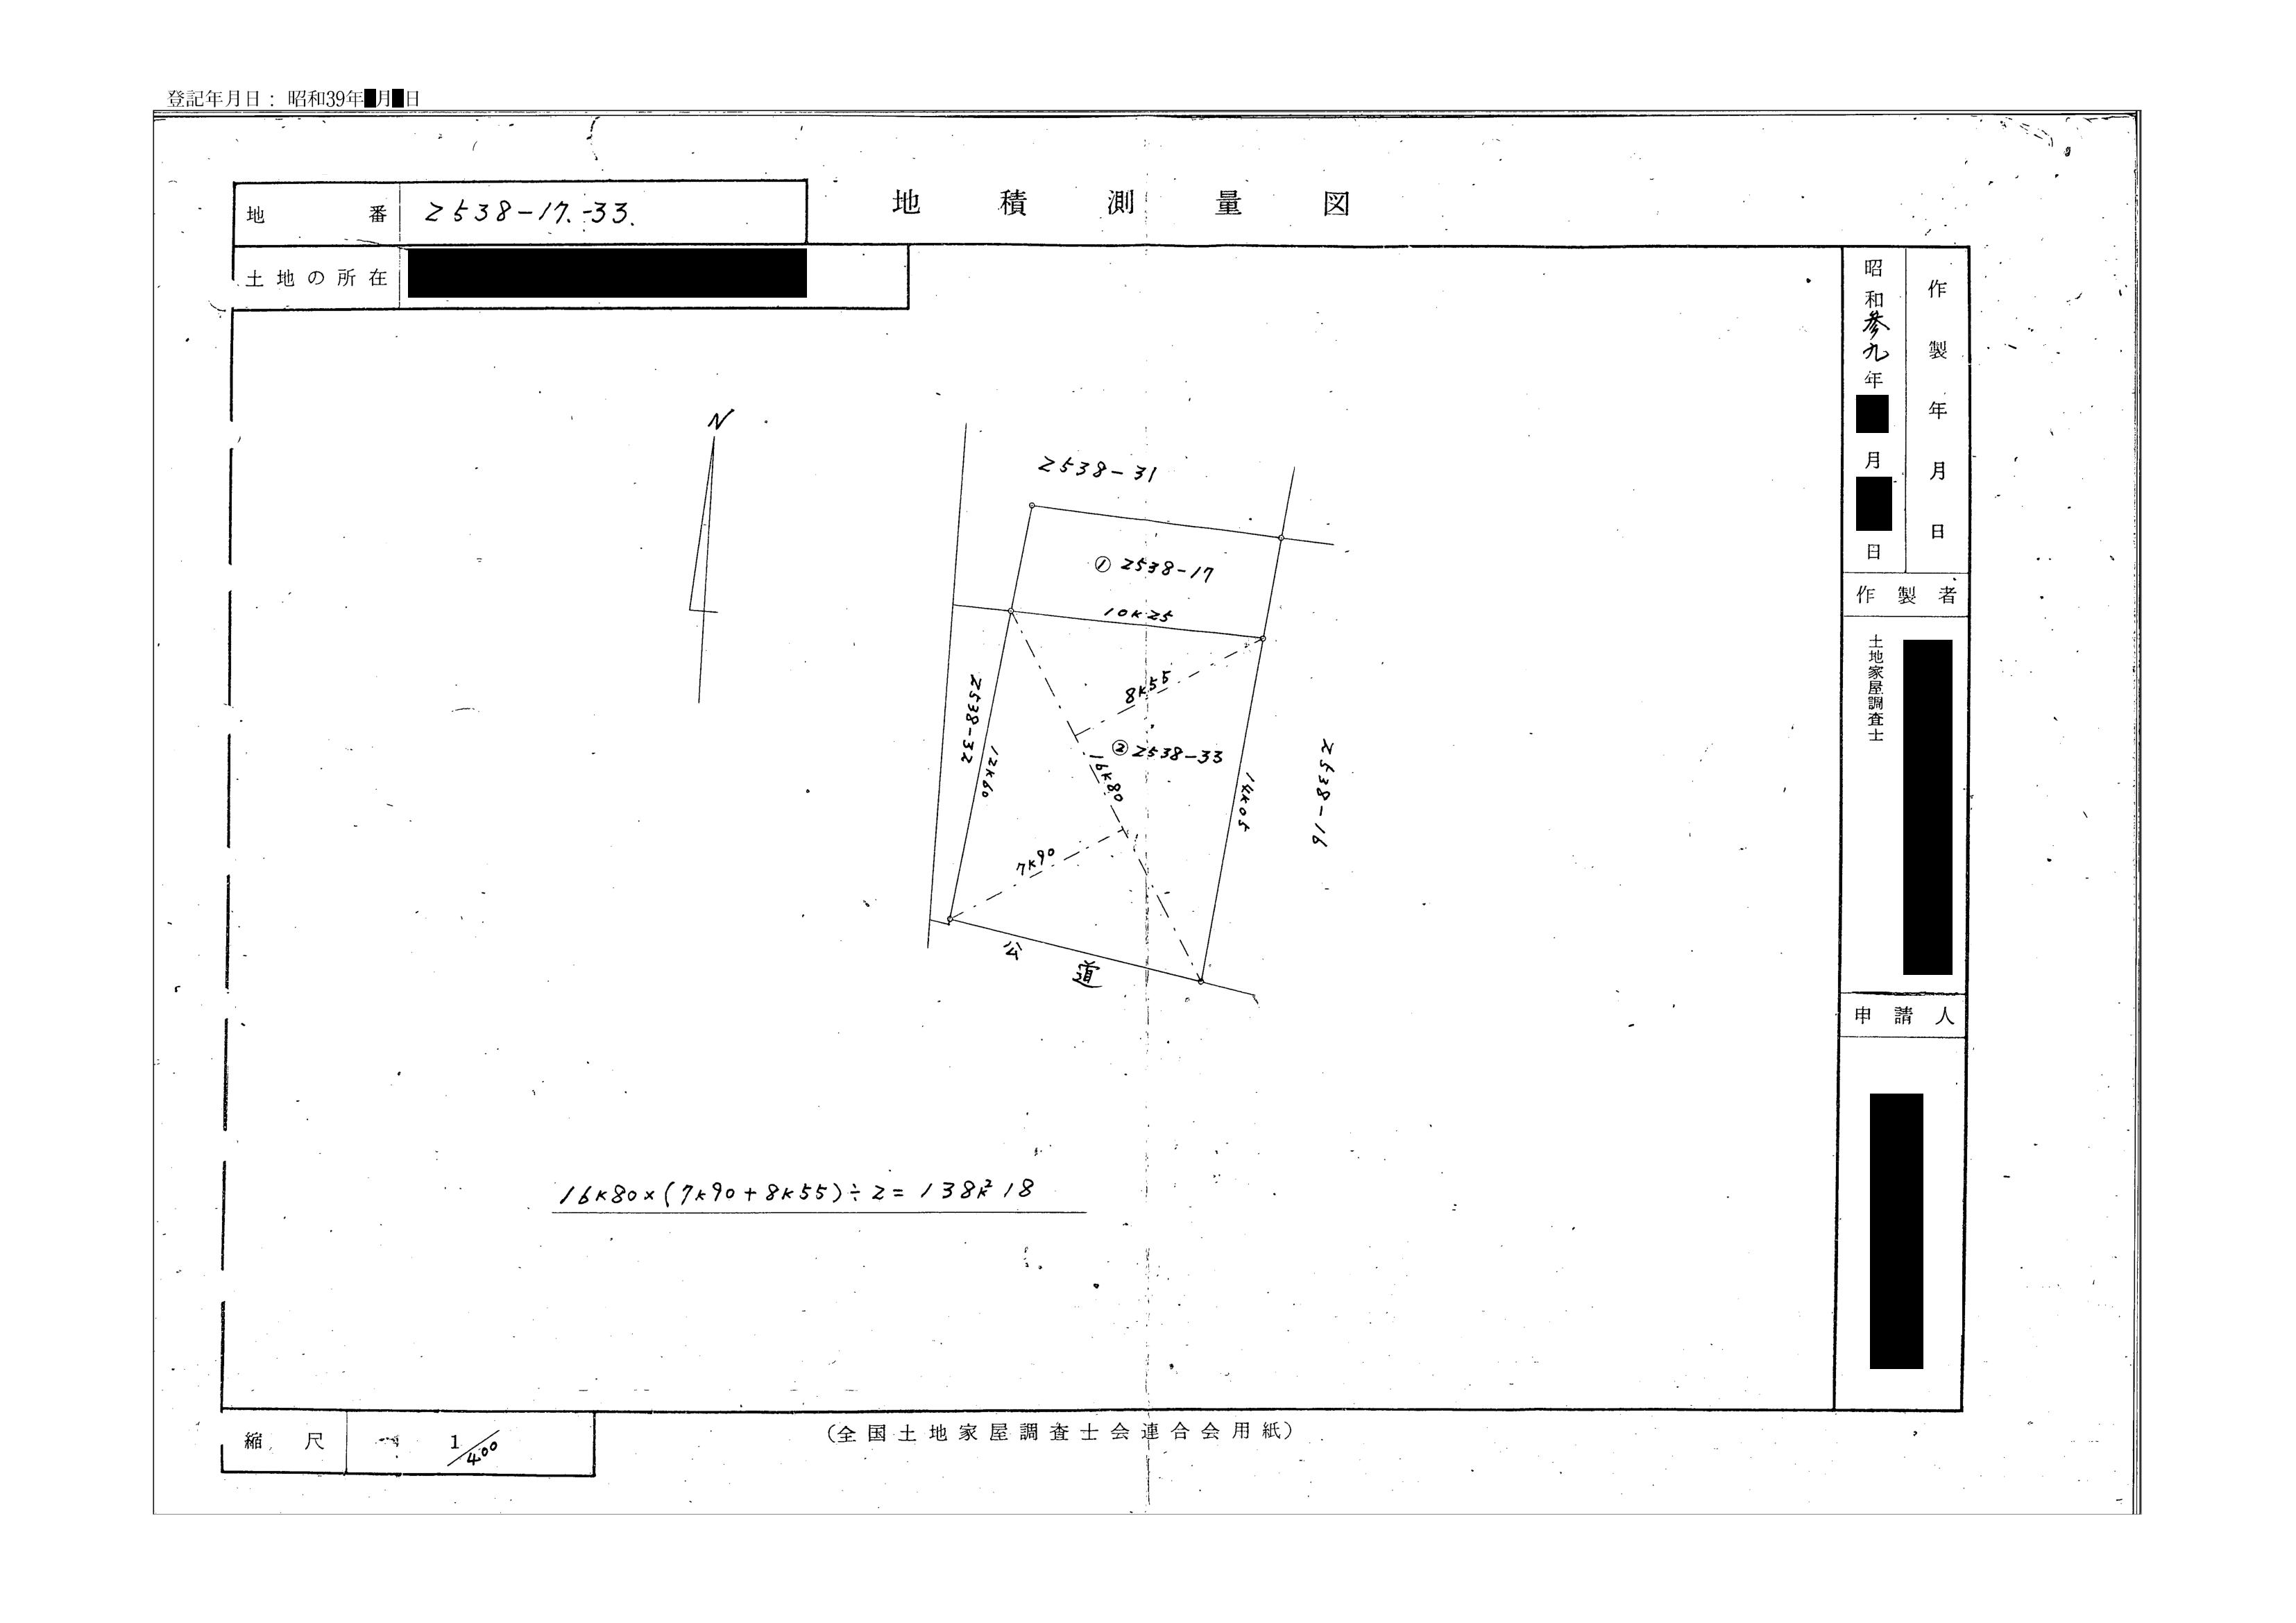 昭和39年の地積測量図